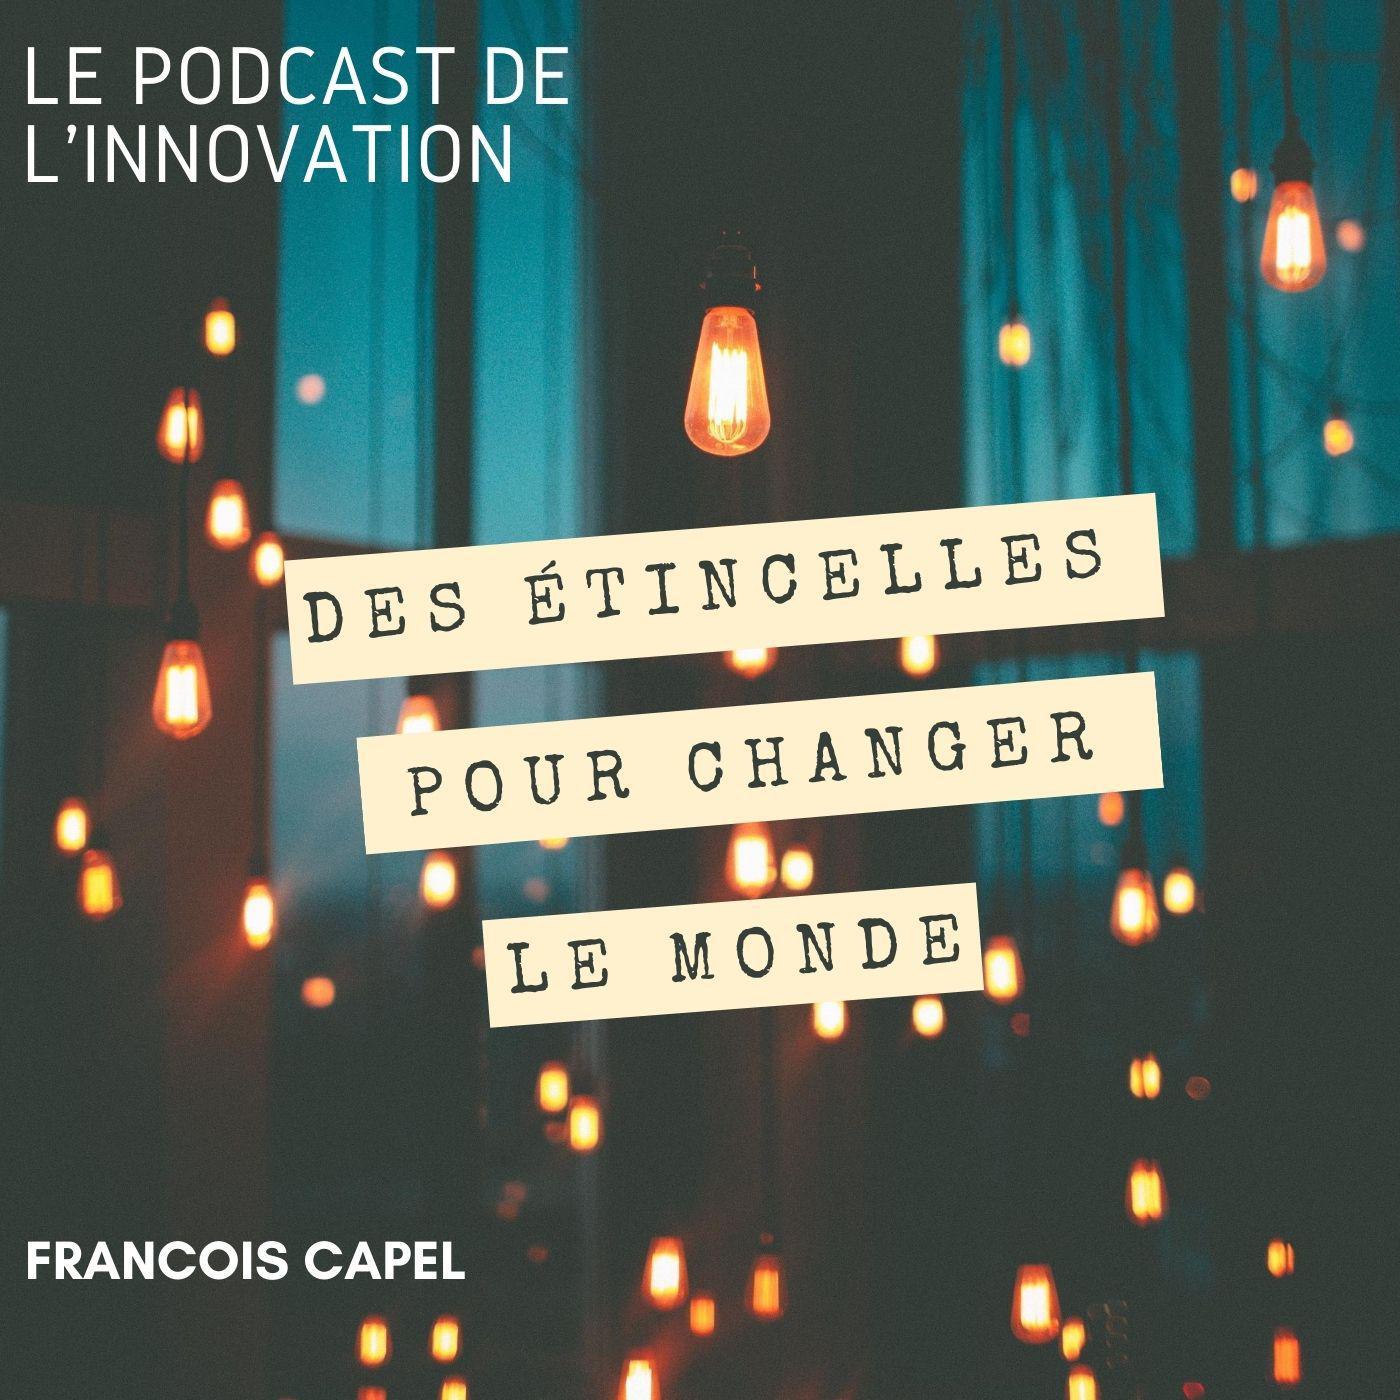 Le Podcast de L'innovation des étincelles pour changer le monde